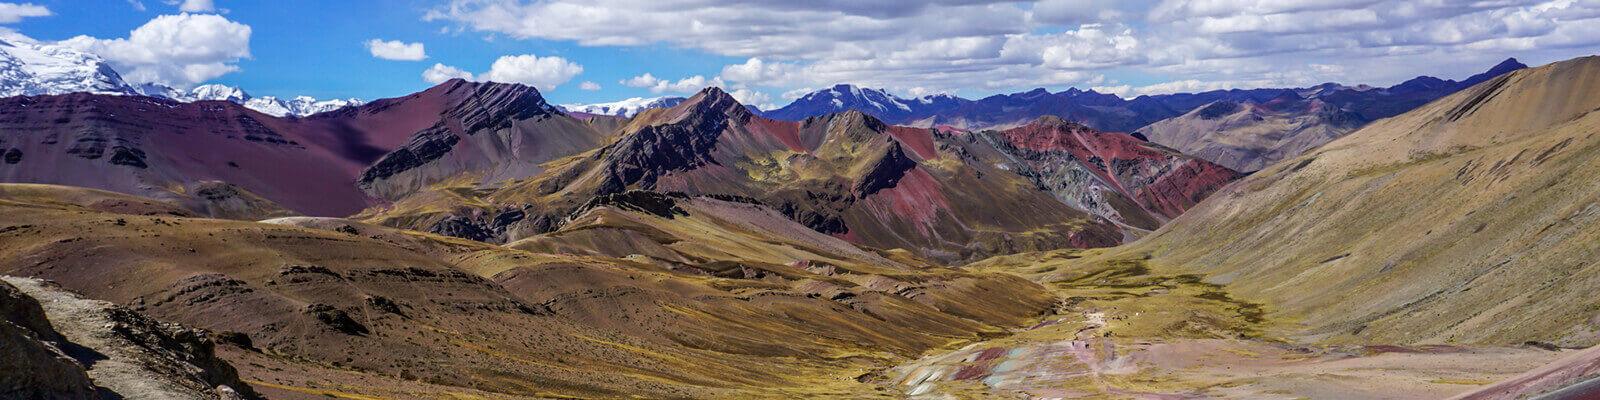 montania-de-colores-usangate-trek-machu-picchu-andes-tours